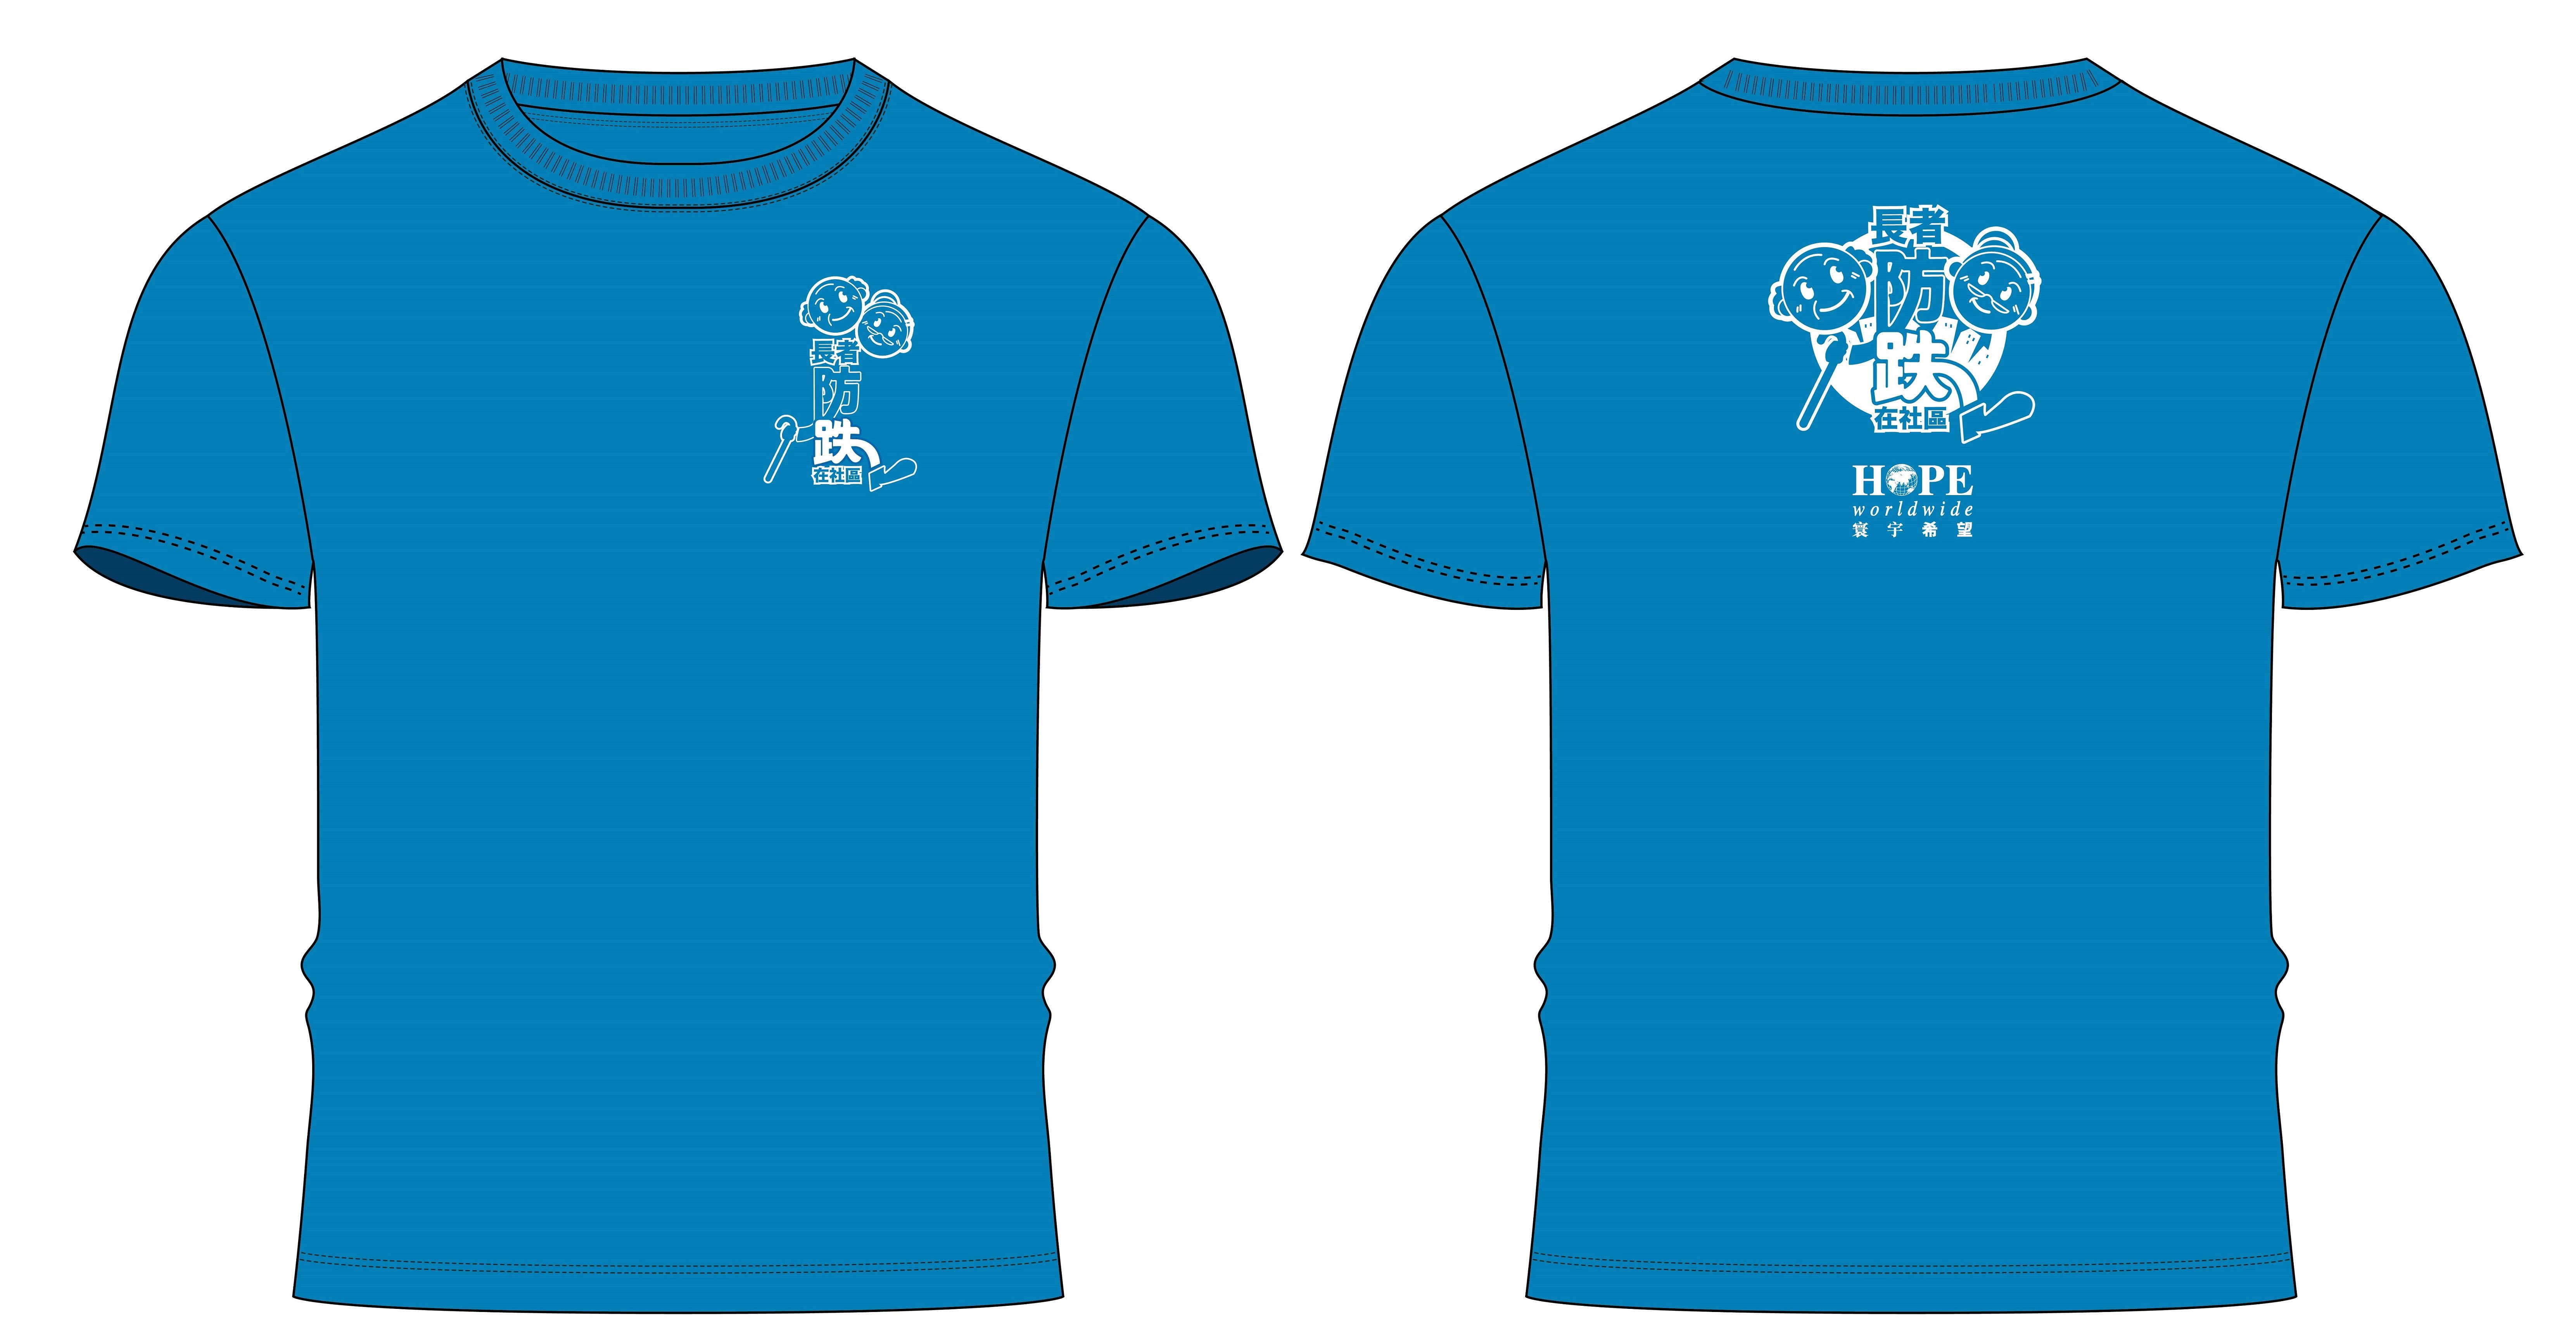 曾於2018年5-6月參與過的義工,請重用此T-shirt。